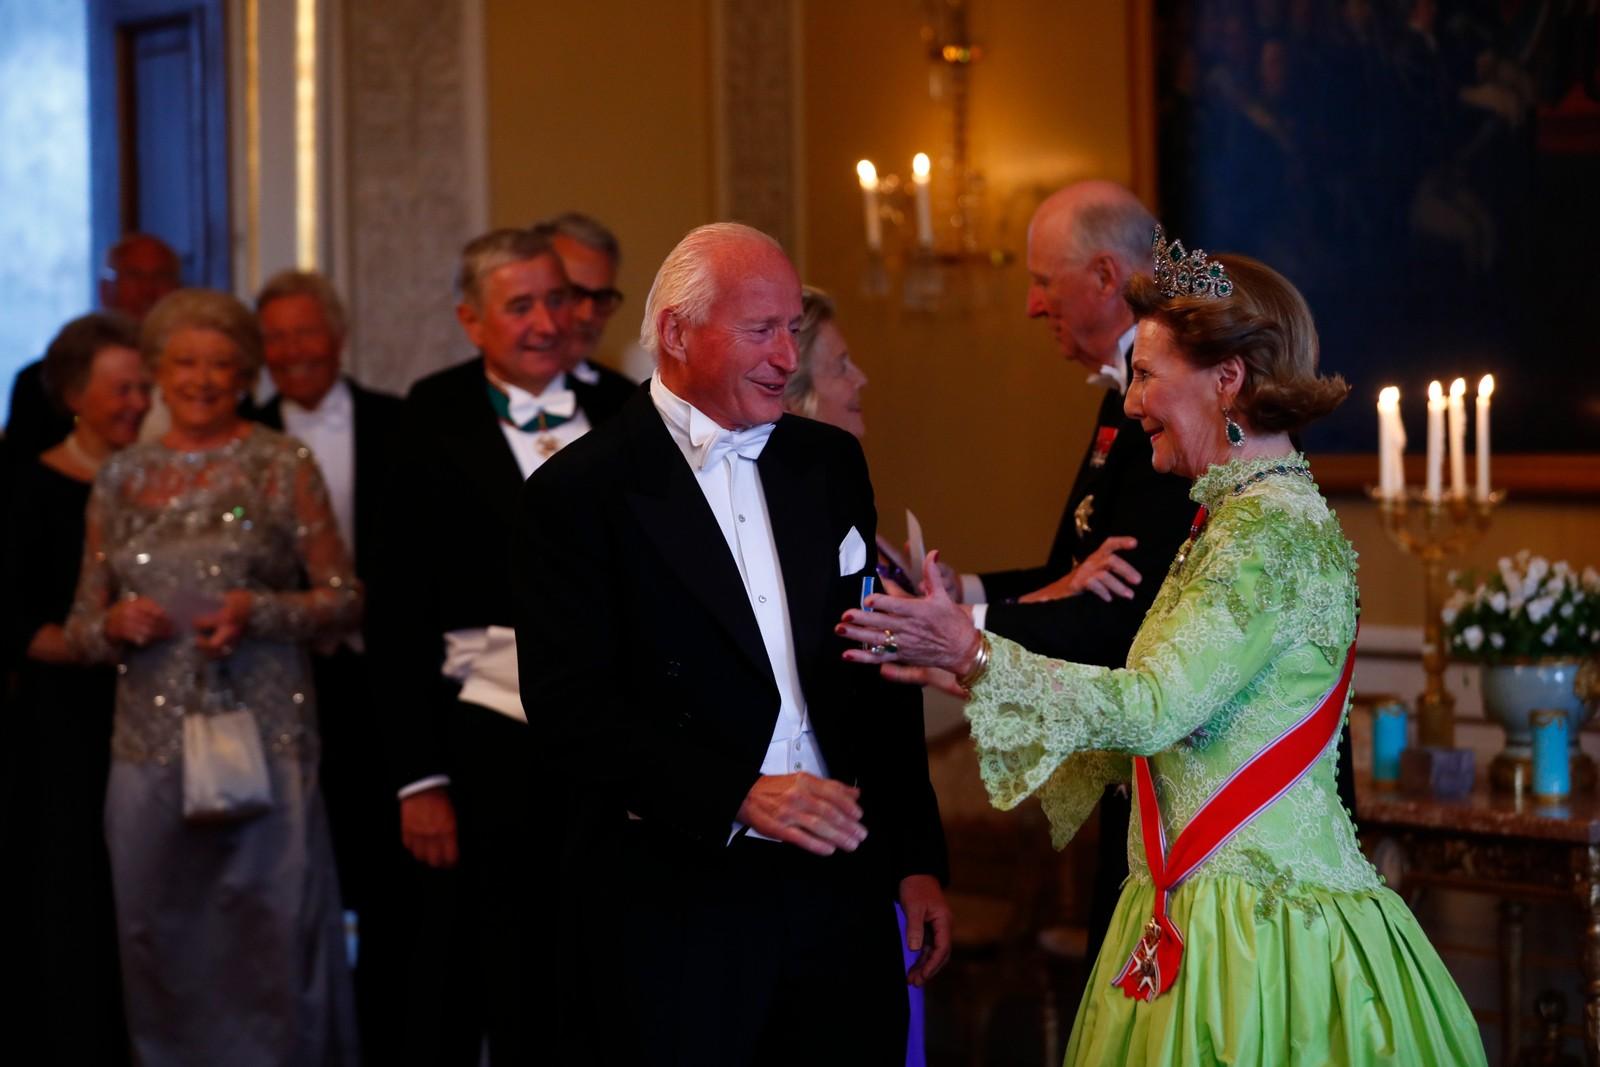 Kongeparet mottar gjester til gallamiddag på Slottet i anledning sin 80-årsfeiring.